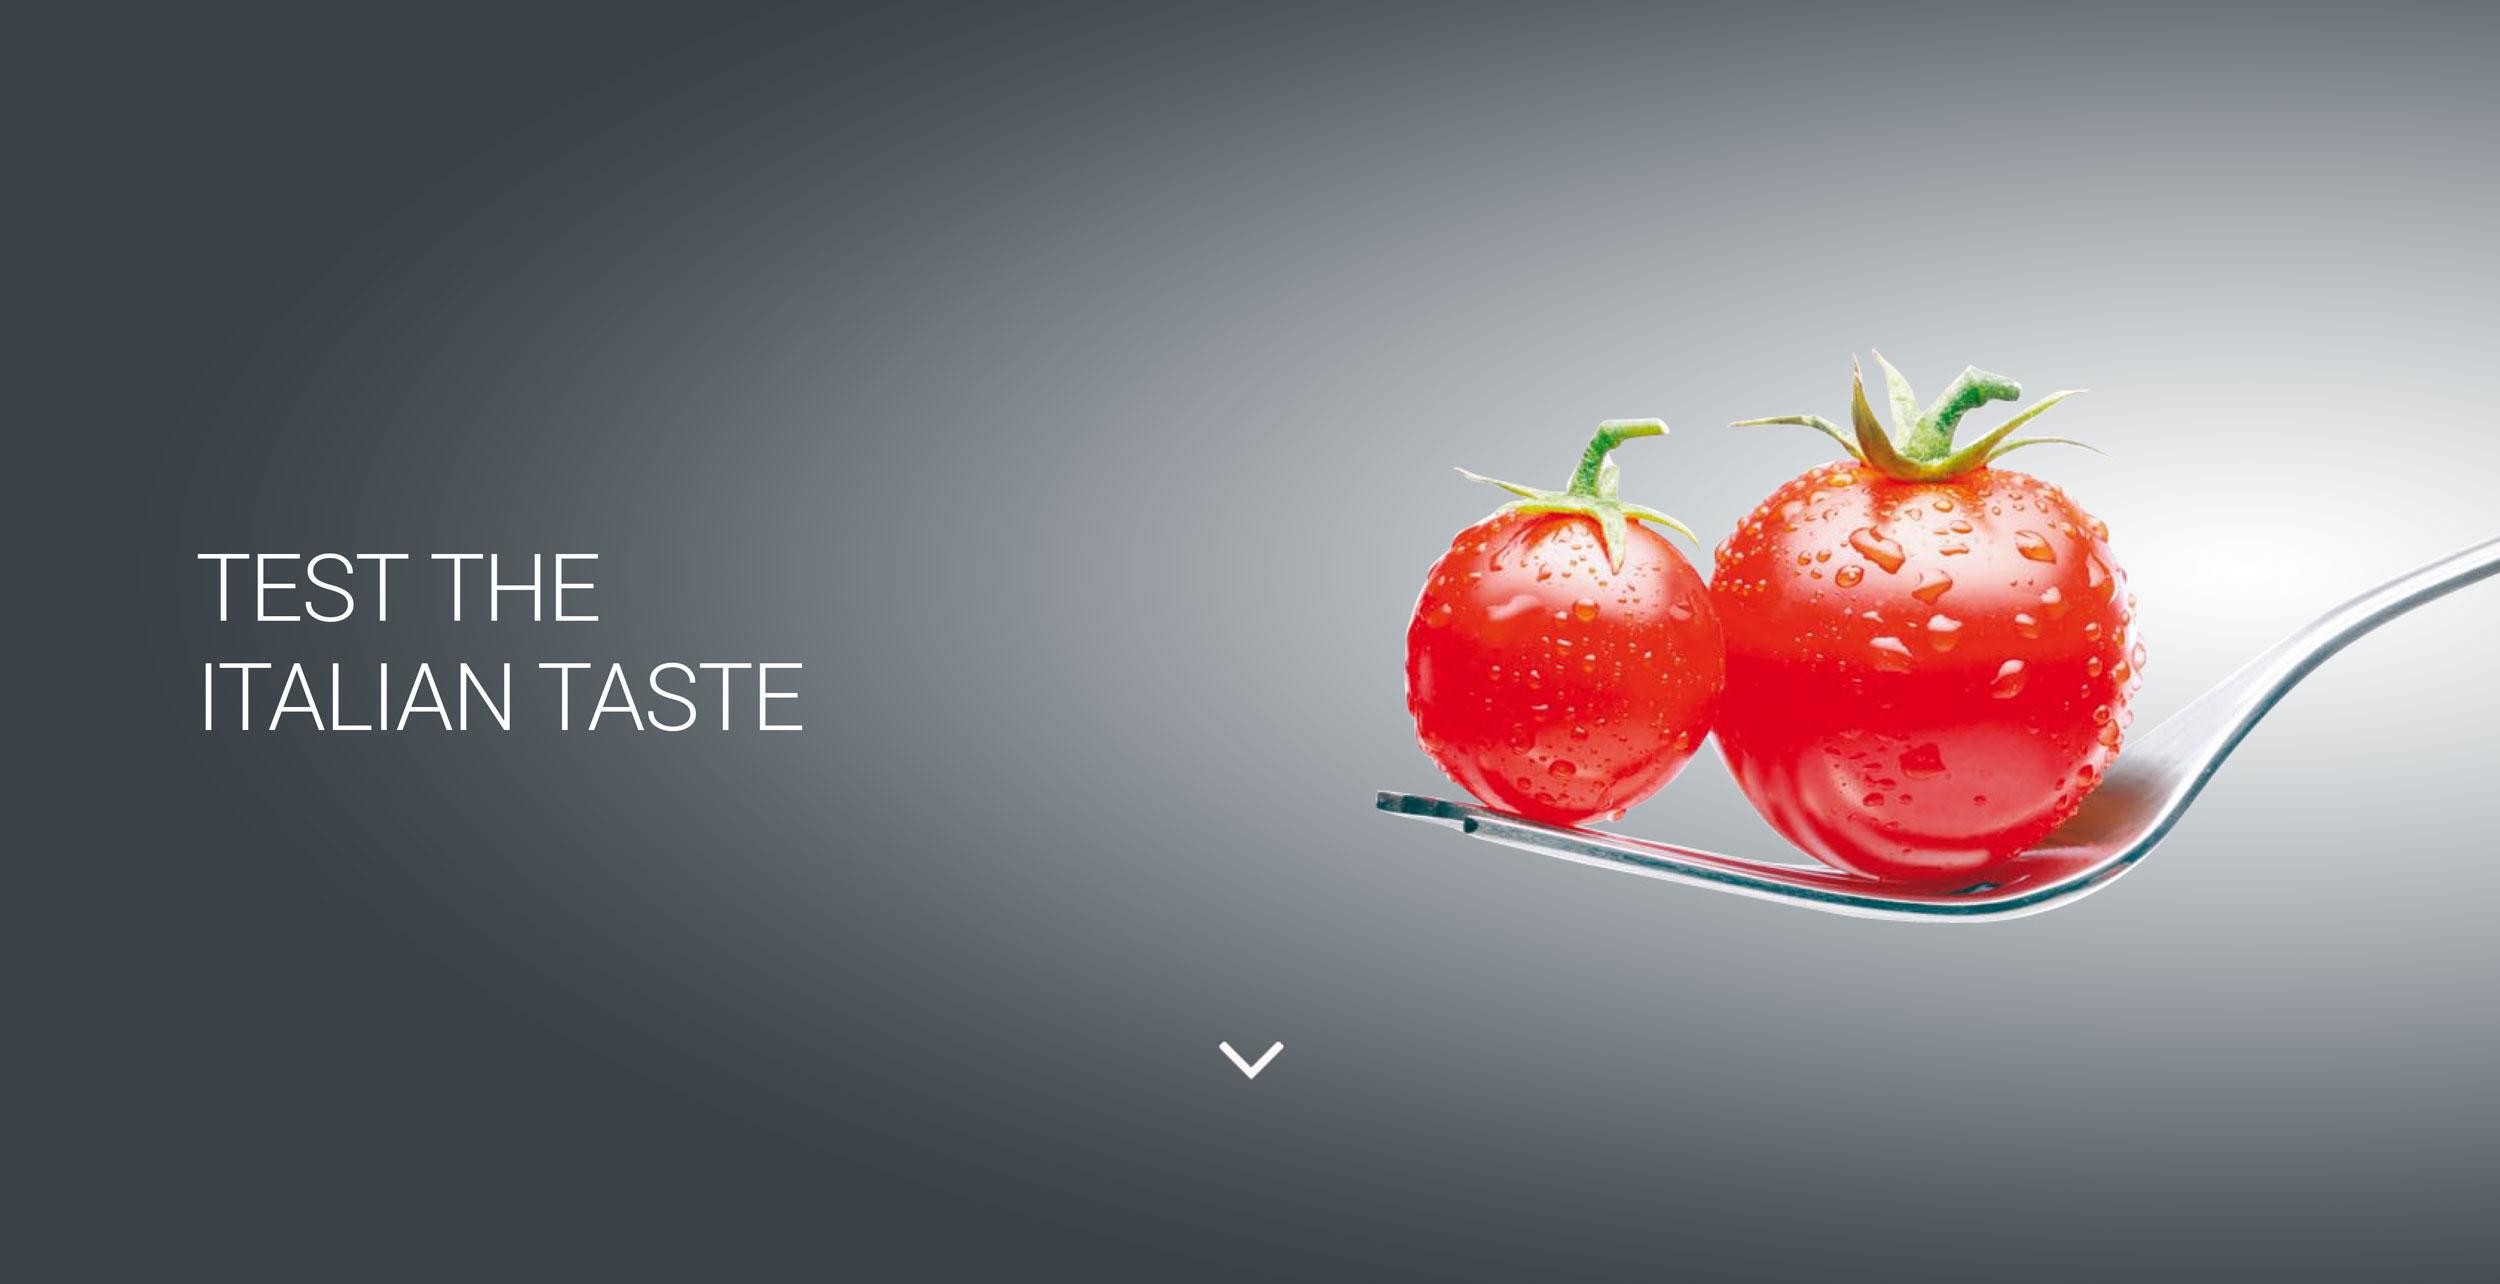 Test the italian taste